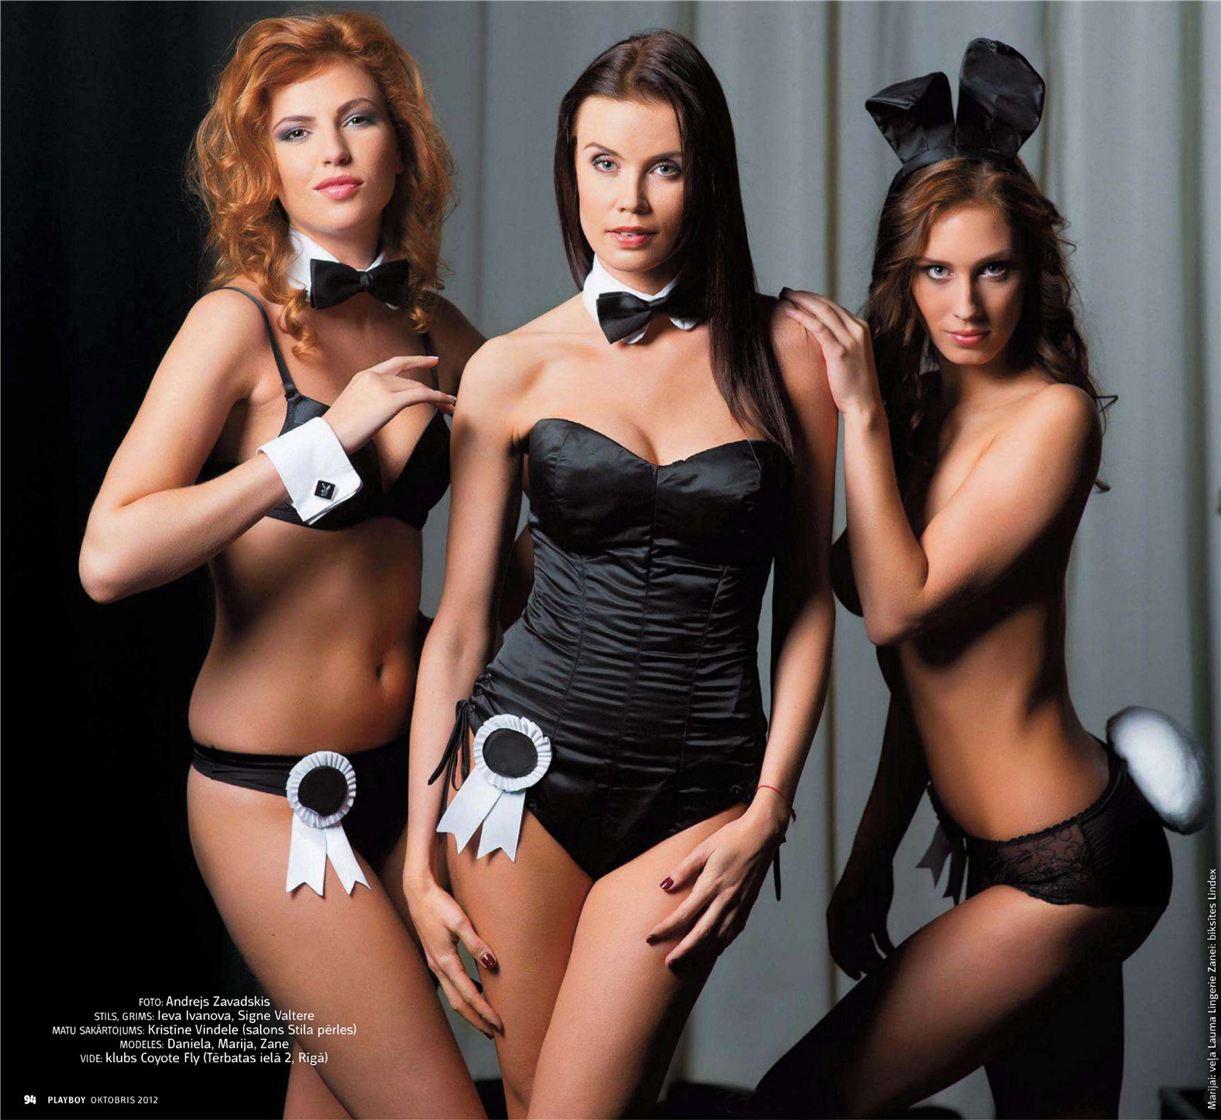 голые иконы поп-культуры Латвии - Playboy Latvia october 2012